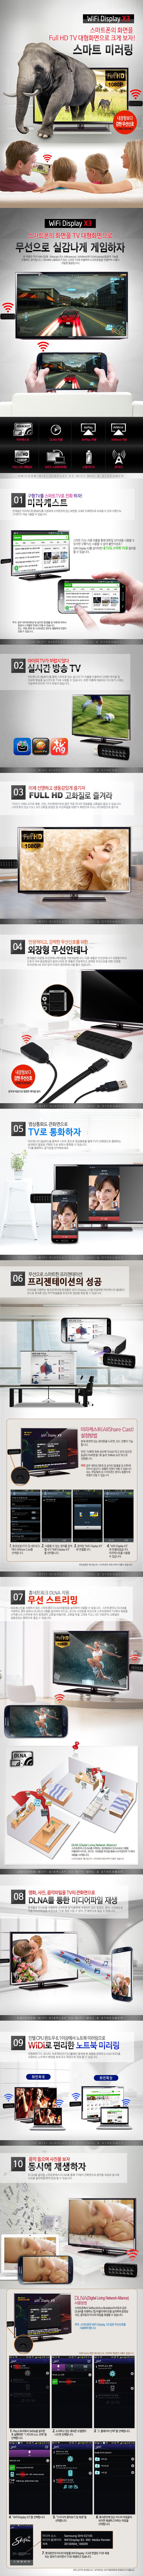 wifidisplayx3_01.jpg